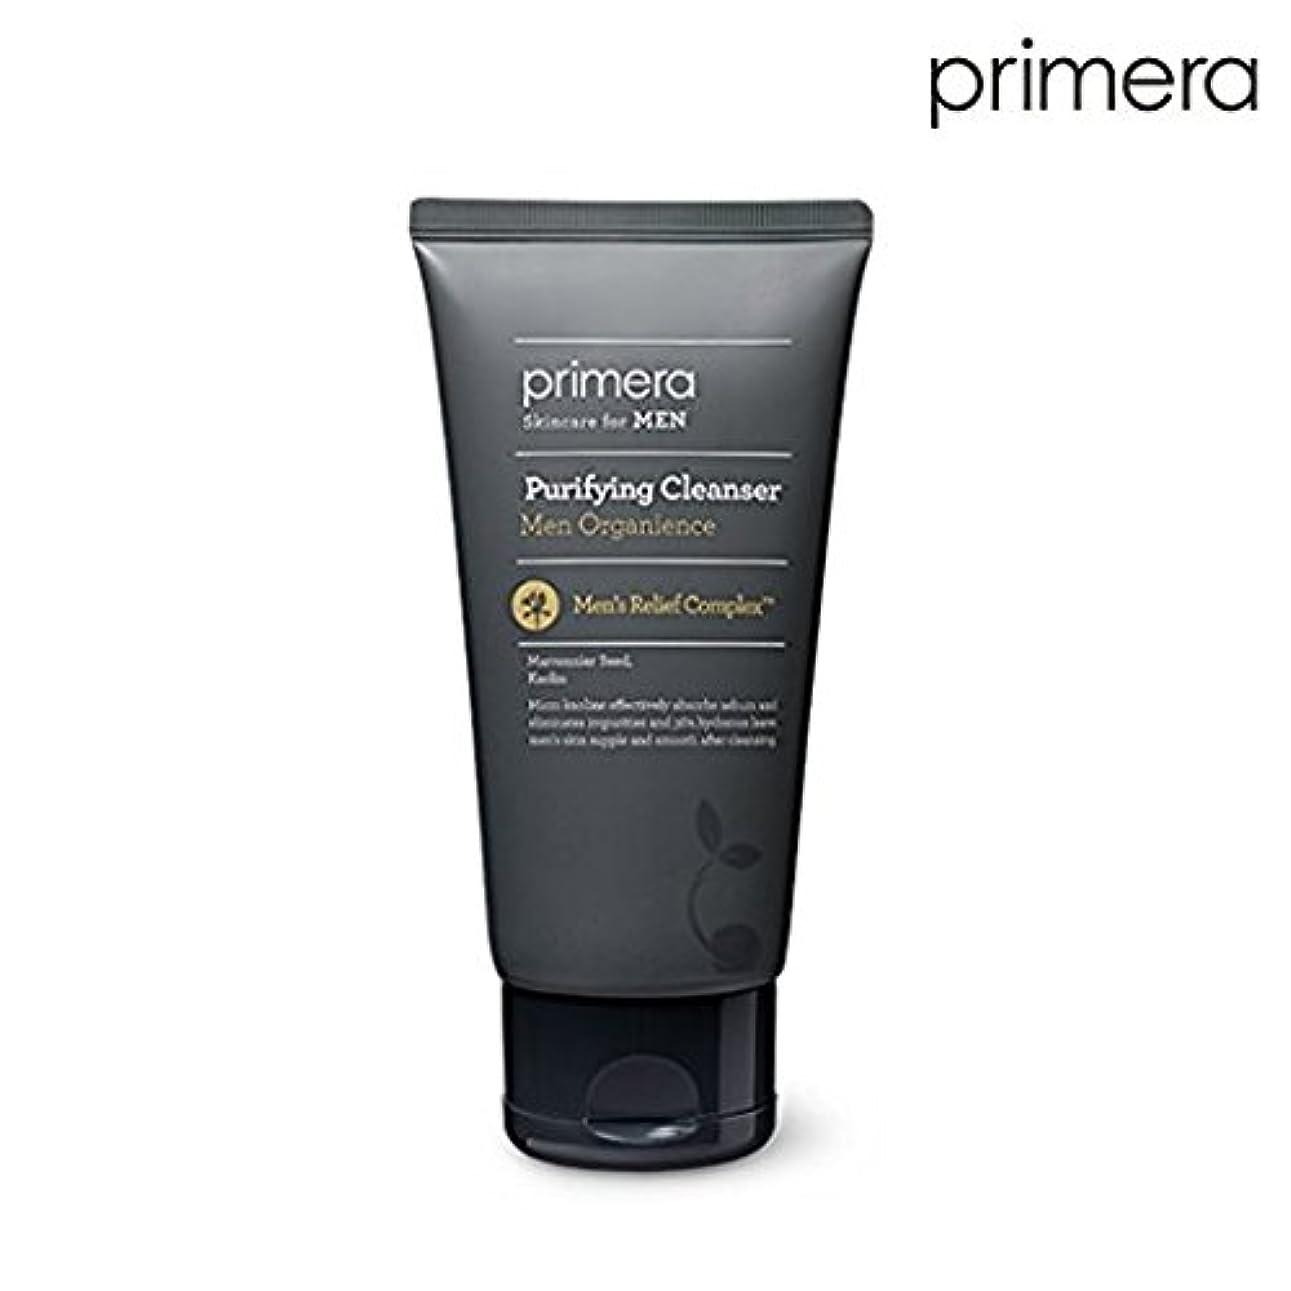 あいまいさスケジュール句Primera(プリメラ) メンズオーガニックピュリファイングクレンザー150ml /primera Men Organience Purifying Cleanser 150ml[海外直送品] [並行輸入品]